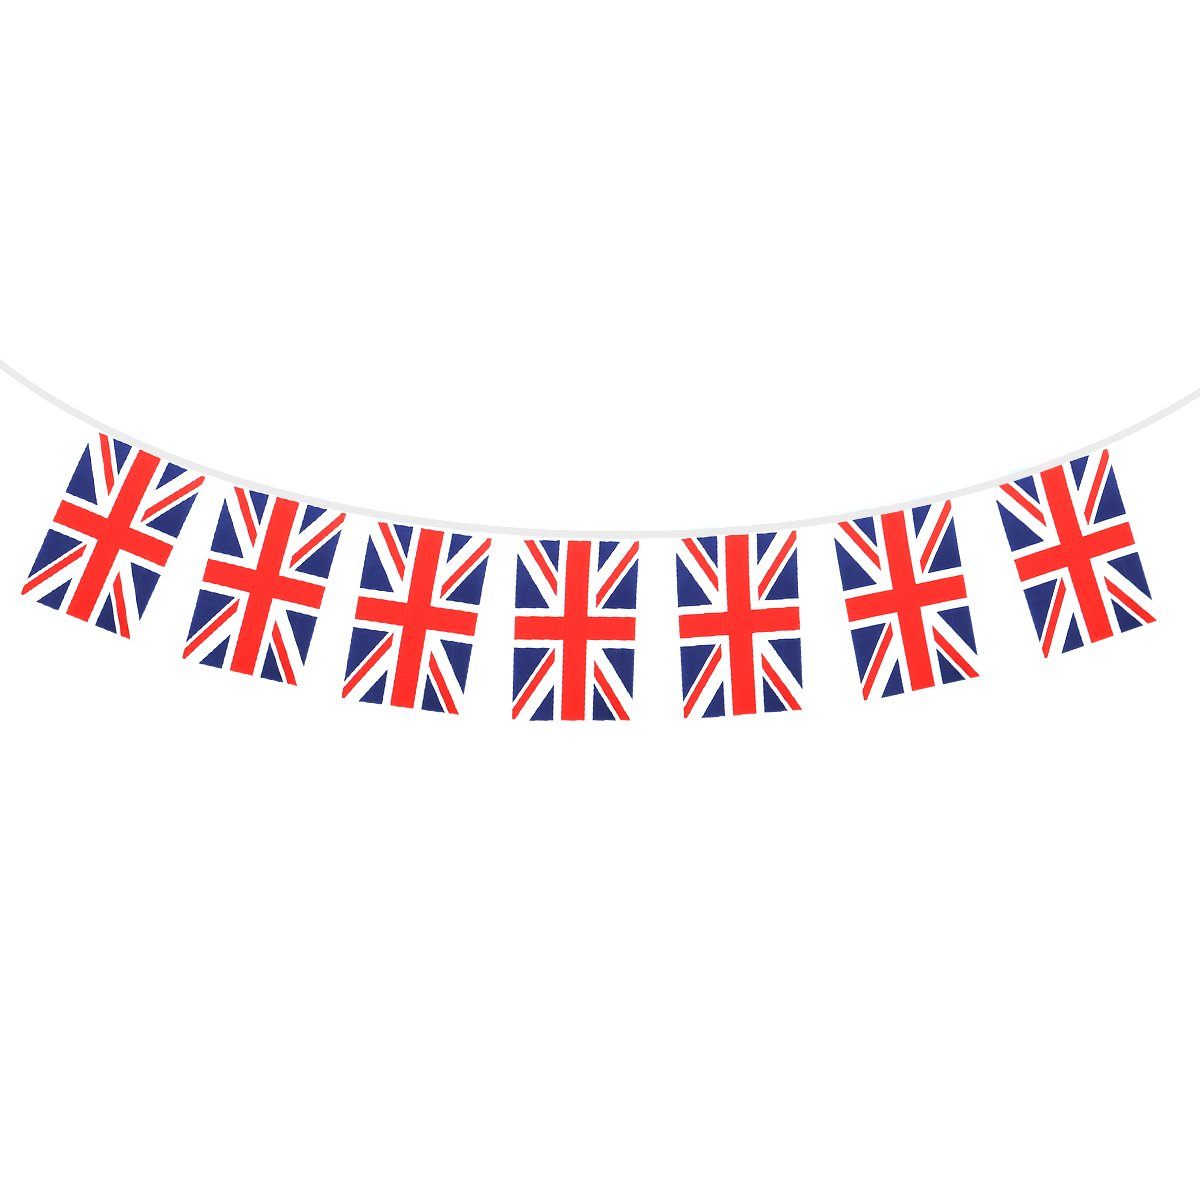 Tinksky Uni Drapeau britannique Banni/ères Cha/îne 32 drapeaux de pays nationaux Union Jack drapeau fanions Banni/ère Banderoles Guirlandes pour Supermarch/é Party Bar Sports Club D/écoration